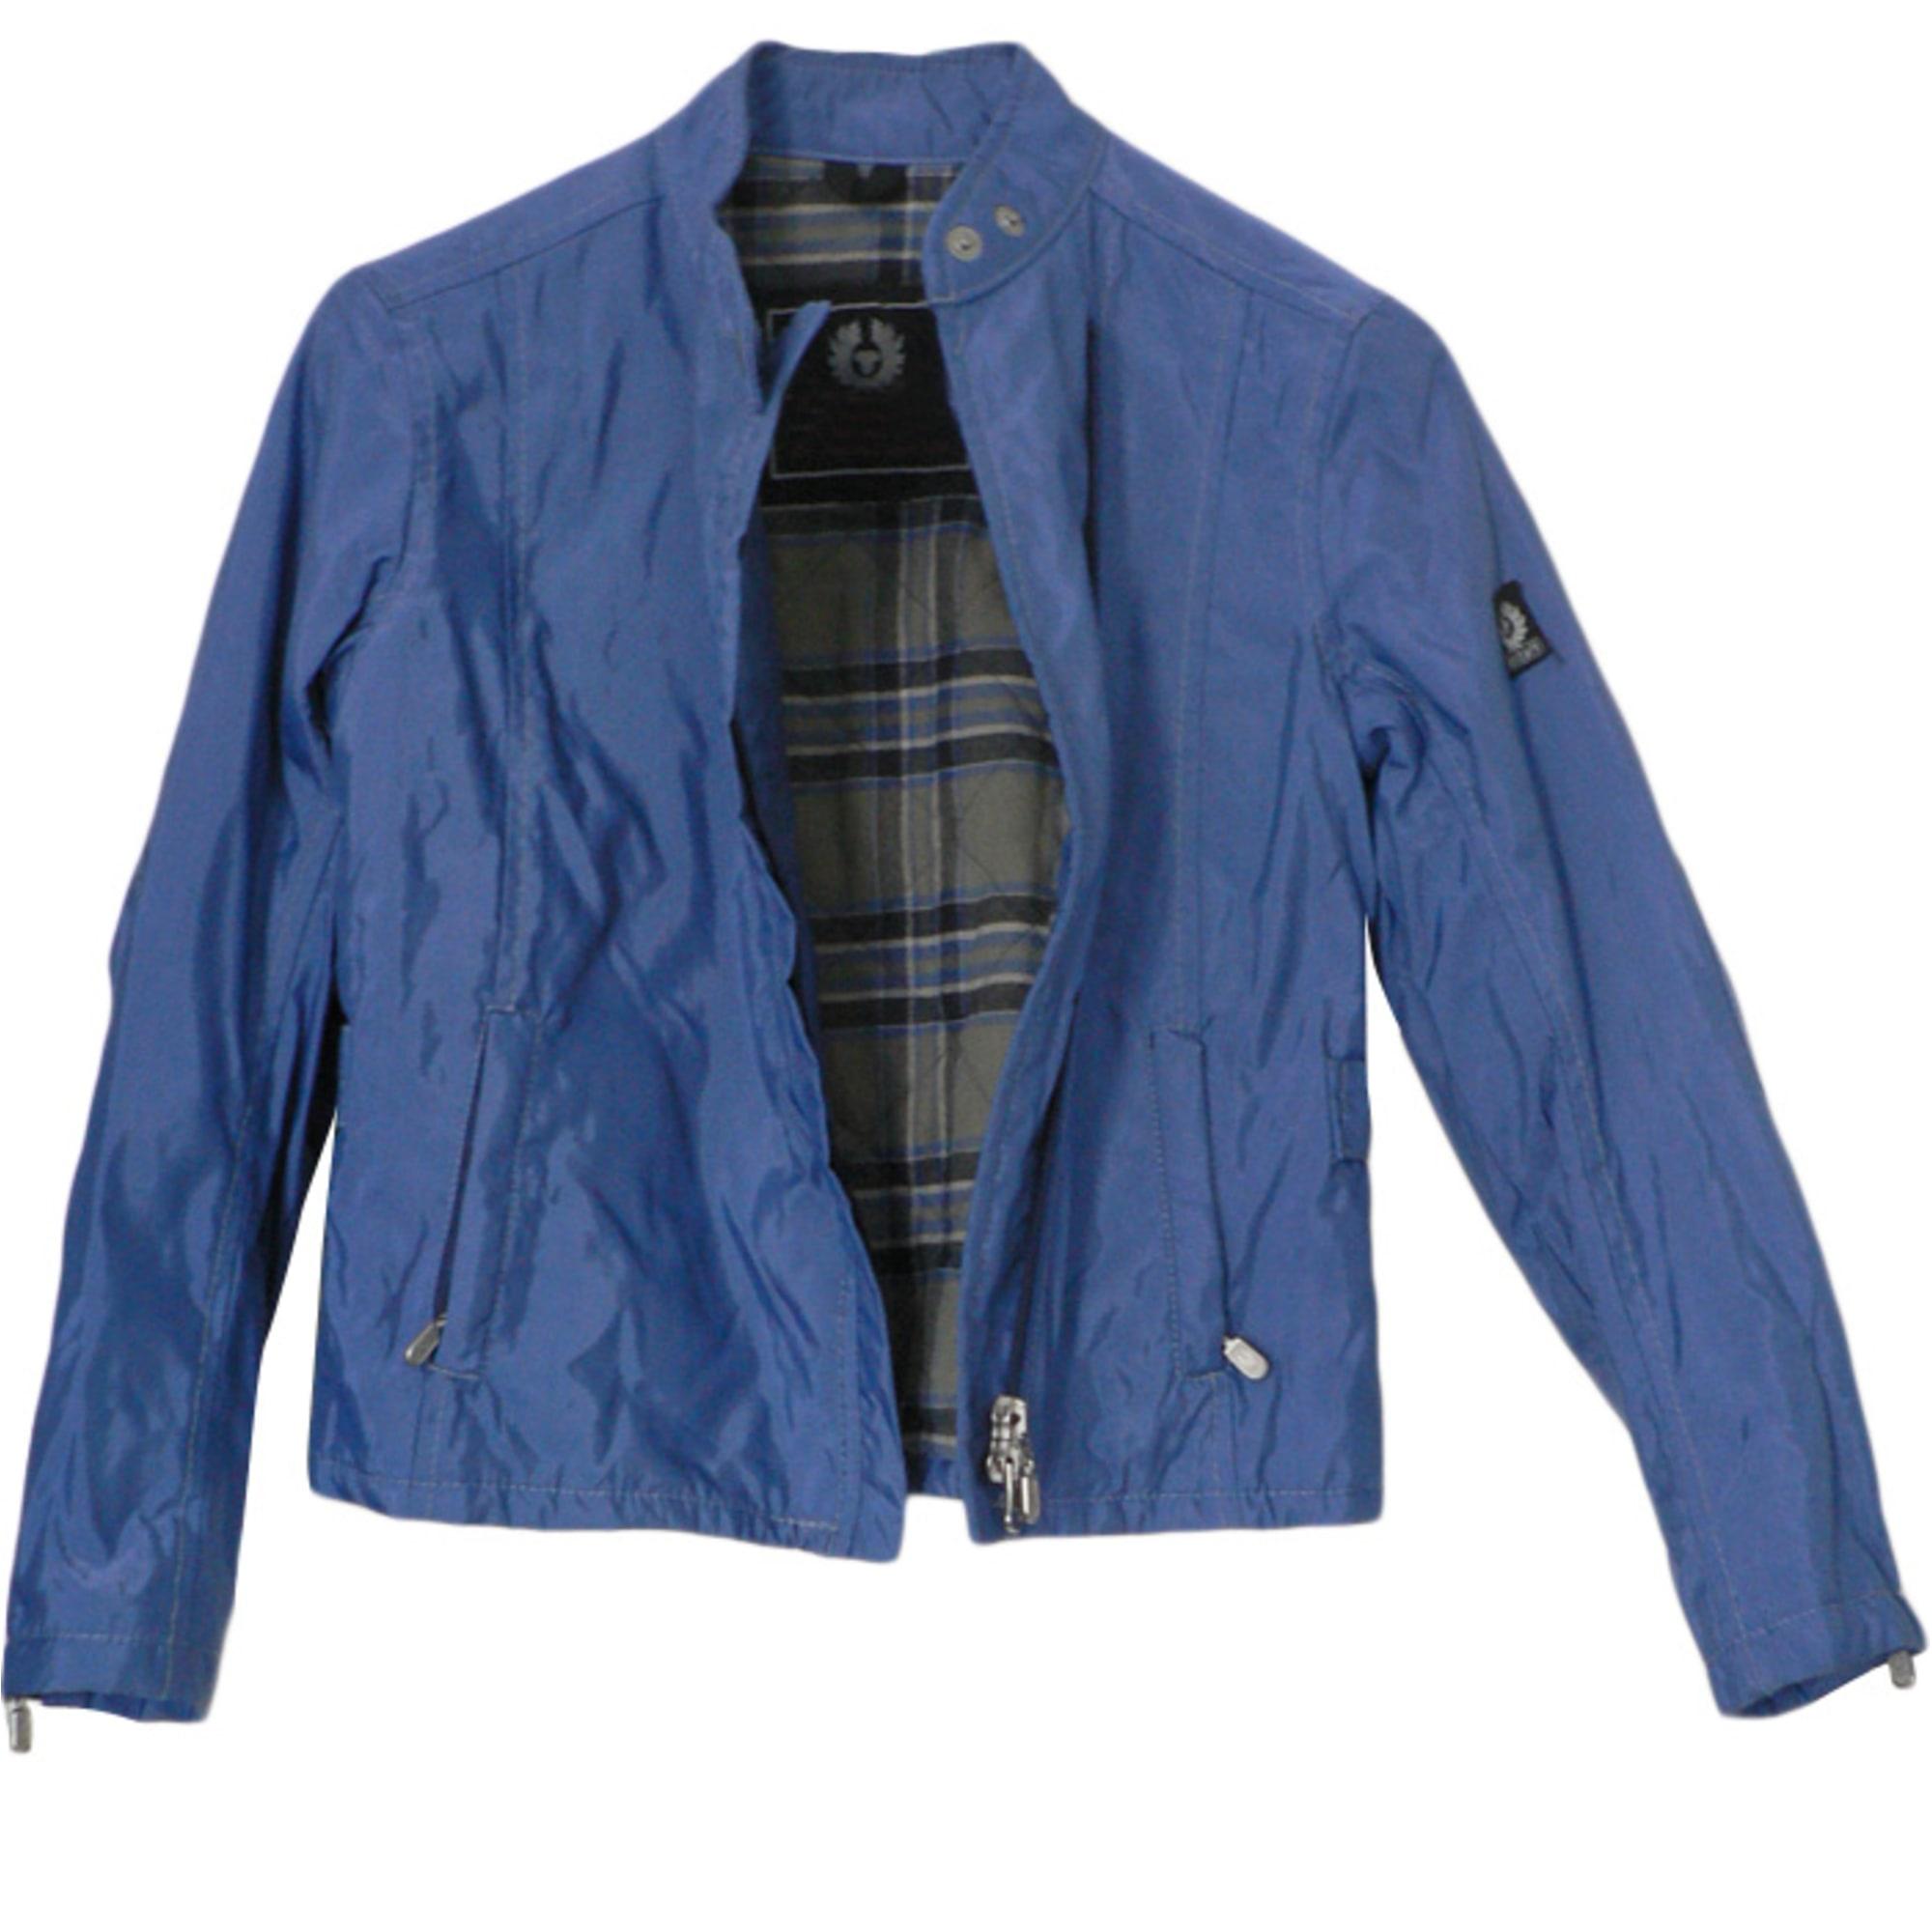 Blouson BELSTAFF Bleu, bleu marine, bleu turquoise